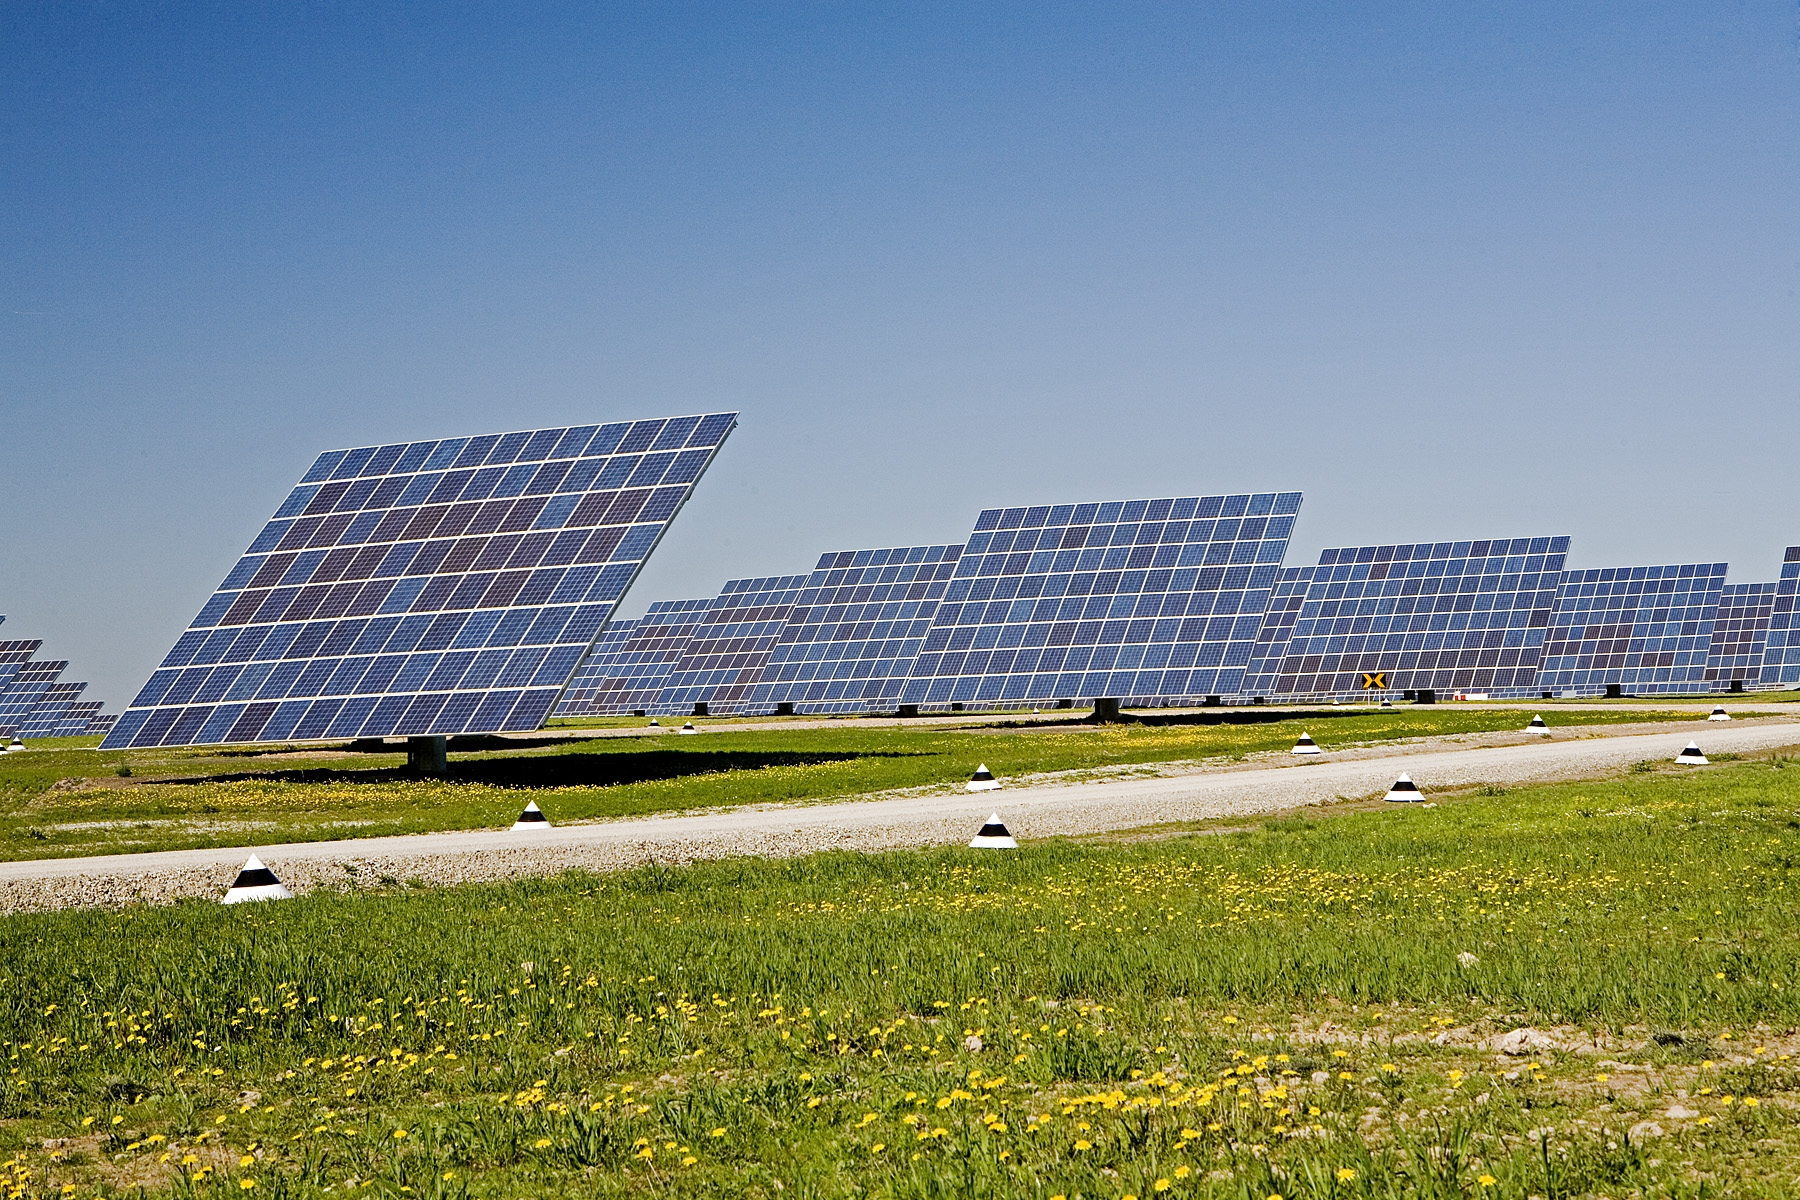 Energías renovables: Informe de la UNEF sobre la energía solar fotovoltaica